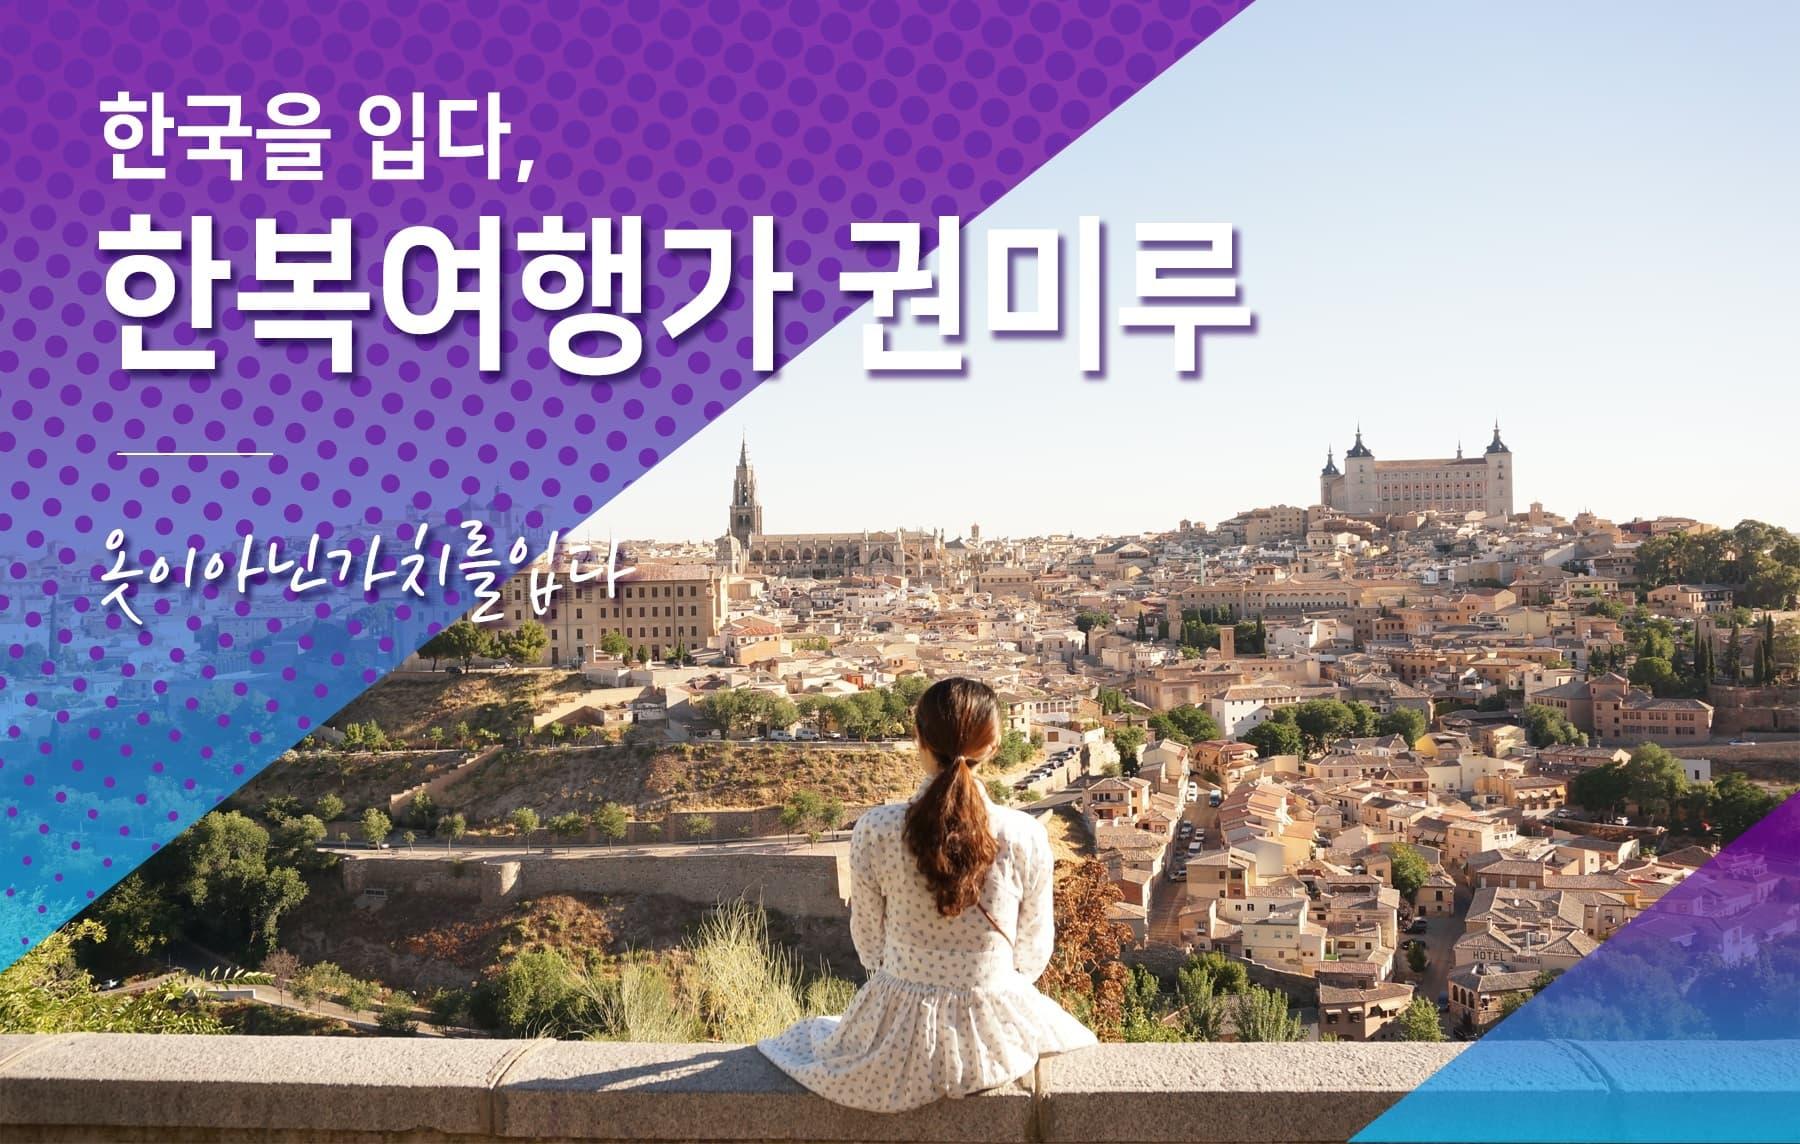 한국을 입다, 한복여행가 권미루